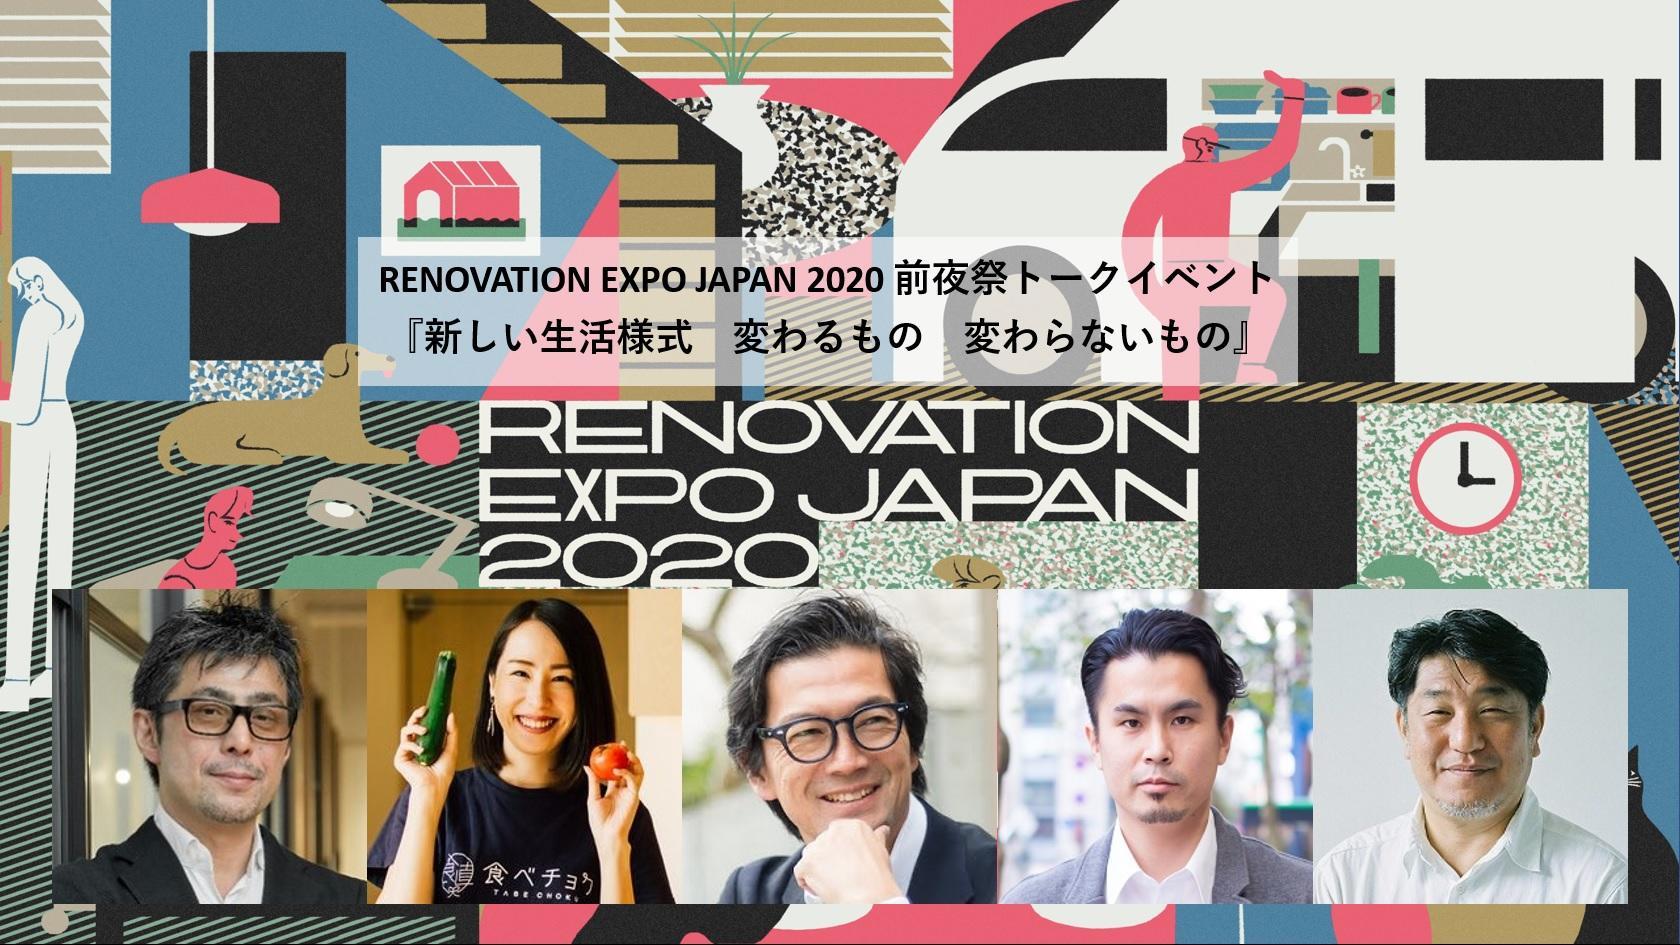 【ご案内】リノベーションEXPO JAPAN 2020(オンライン)・前夜祭トークイベント(11/13)開催について